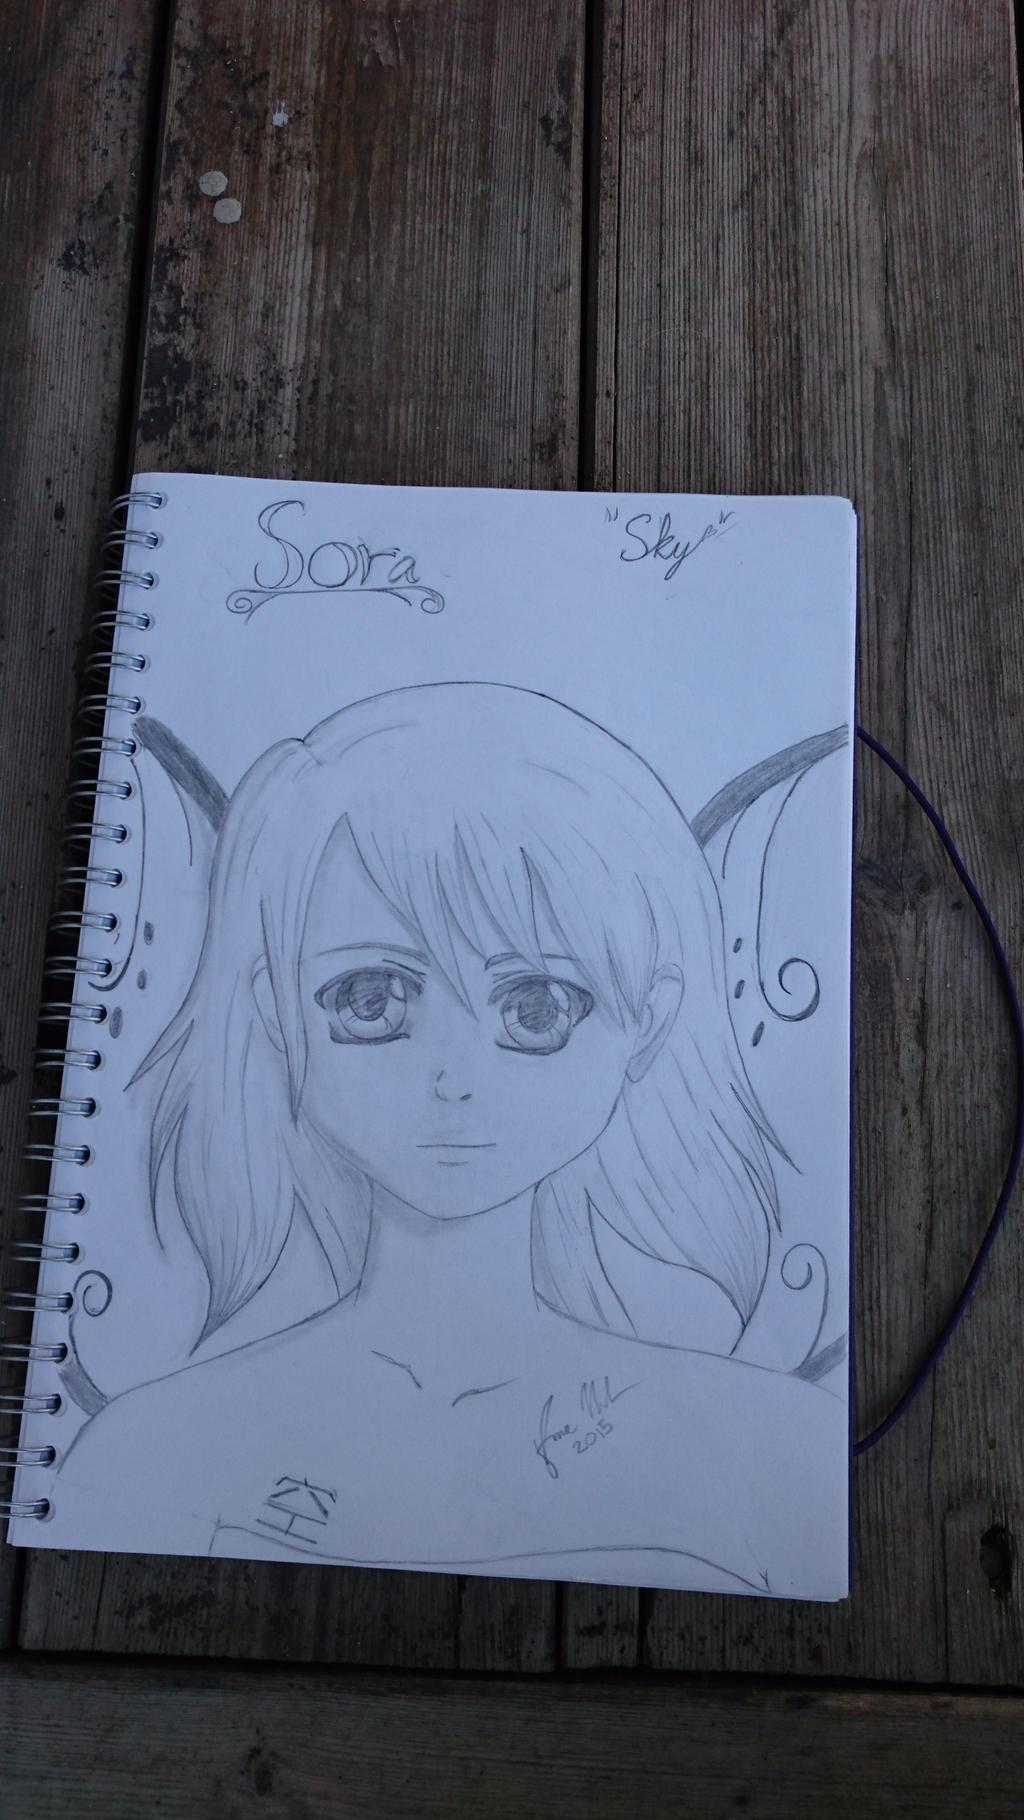 Fairy Sora by annasuper100